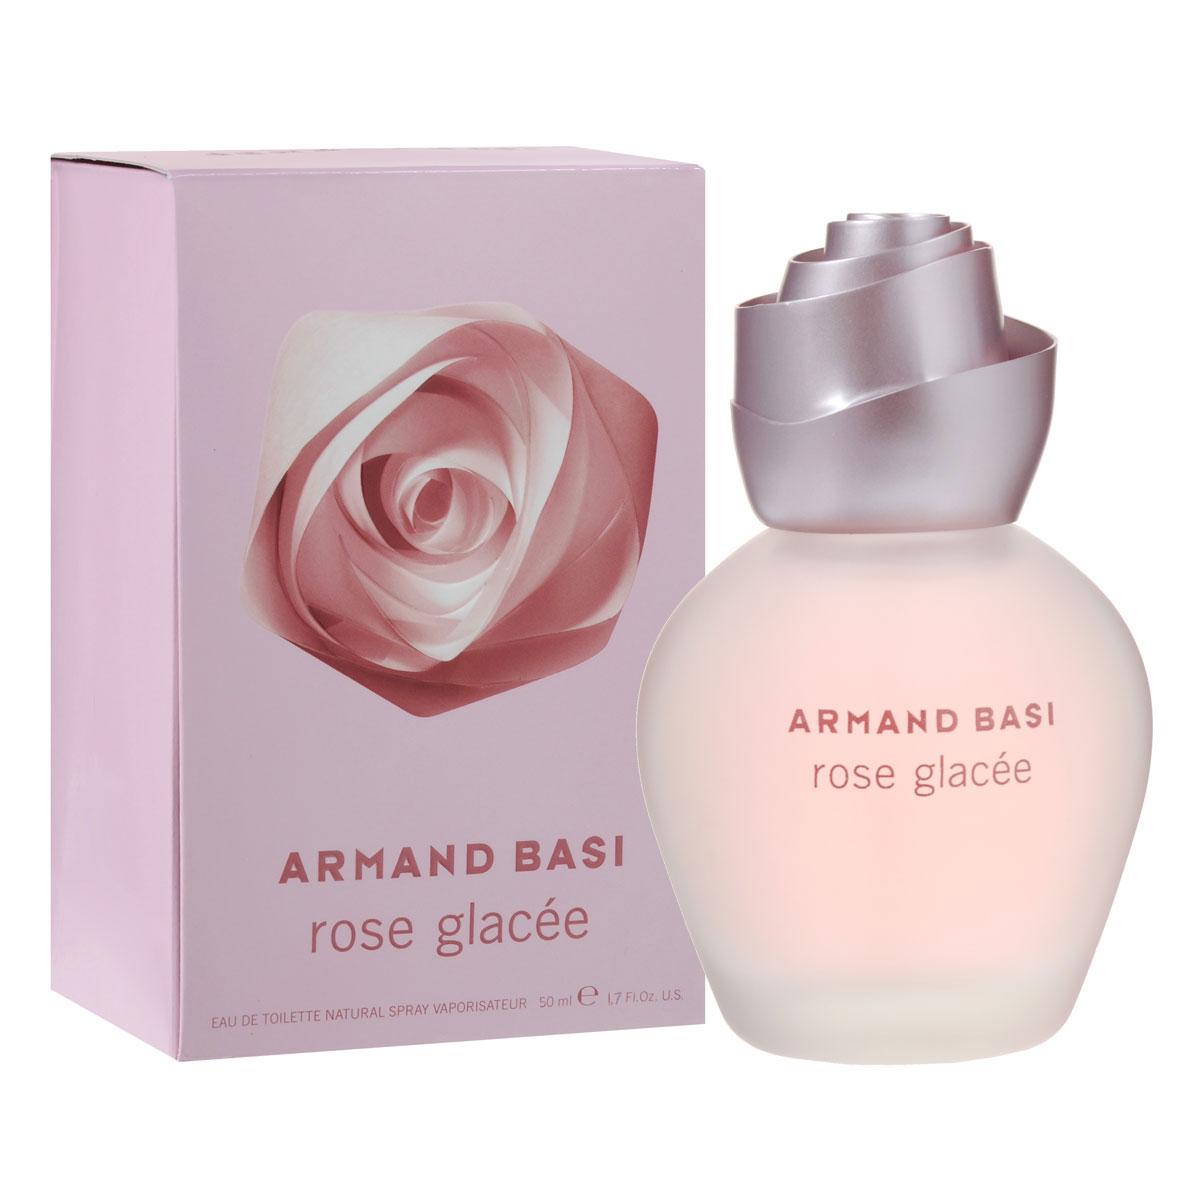 """Armand Basi Туалетная вода Rose Glacee, женская, 50 мл957127Органичная и геометричная, роза является сердцем и вдохновением нового аромата от Armand Basi, который открывает перед нами мир сущности цветка. Его концепция усовершенствована и обновлена выведением на игровое поле главного игрока - геометрии. Роза - это символ совершенства. Универсальный цветок, признанный во всем мире воплощением тайны женщины. Это самый безупречный цветок. Ее красота радует глаз; ее аромат роскошный, превосходный, пьянящий, нежно-бархатный и хрупкий. И в то же время он обманывает, бунтует и отклоняется от всех мыслимых стандартов: шипы ранят руку каждого, кто осмелится срезать розу.Glacee - французское слово, которое обозначает """"замороженный"""". Роза, закованная в ледяные цепи. Хранимая холодом, продлевающим жизнь ее красоты, она стоит непокорно и гордо. Обольстительная и прекрасная. Rose Glacee, имя нового аромата, воплощающего напряжение во внешнем проявлении. Теплая и холодная, спокойная и агрессивная, дружелюбная, но предающая, прекрасная, но эфемерная. Она совершенна в своей хрупкости, как и в своей обманности. Восхищаться ей - это испытывать обоснованную страсть к ее совершенству. Armand Basi Rose Glacee - это туманное очертание розы на закате. Свежесть, смешанная с нетерпением. Совершенство, замороженное во времени. Холод, что стимулирует и пробуждает. Форма спирали, что выбрасывается вперед. Завуалированный предмет удовольствия, словно обещание на будущее. Жажда жизни. Интенсивность молодости. Тайна, что постепенно раскрывается. Неудержимая и первобытная радость бытия.Классификация аромата: цветочный.Пирамида аромата:Верхние ноты: зеленое яблоко, грейпфрут, лимон.Ноты сердца: роза Пьяже, корица, абрикосовый нектар.Ноты шлейфа: светлое дерево, амбра, мускус.Ключевые словаСвежий, морозный, таинственный!Туалетная вода - один из самых популярных видов парфюмерной продукции. Туалетная вода содержит 4-10%парфюмерного экстракта. Главные достоинства данного типа продукции заключаются в до"""